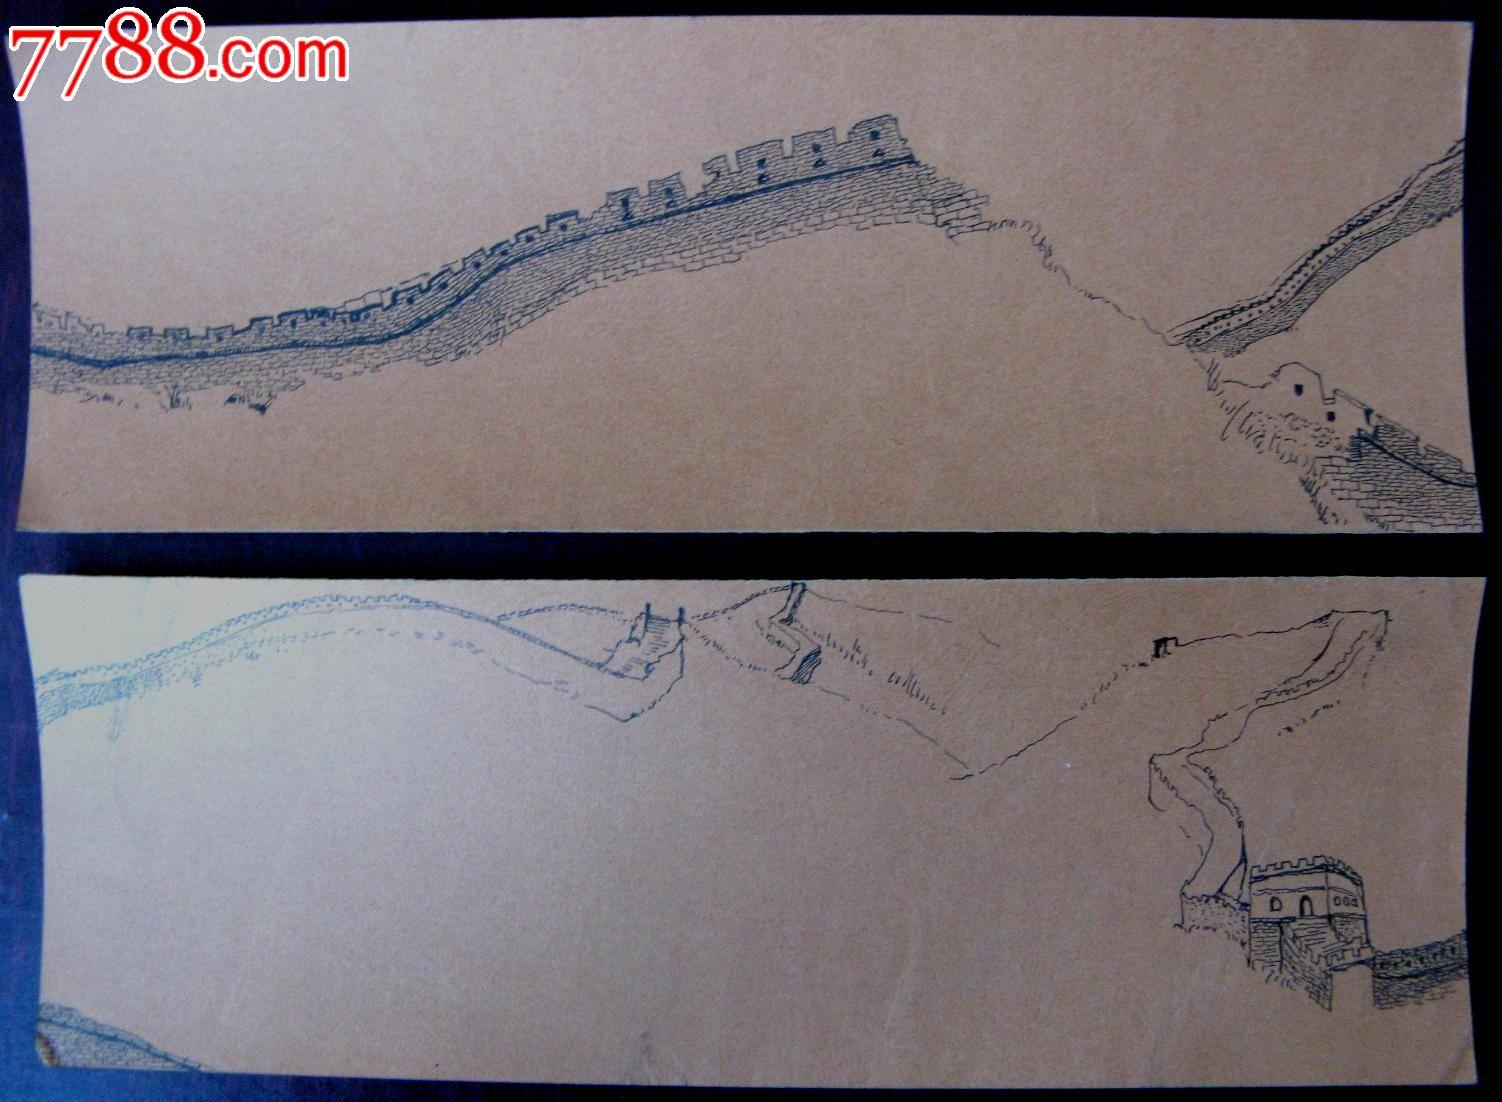 无款素描风景山水画:万里长城共2幅